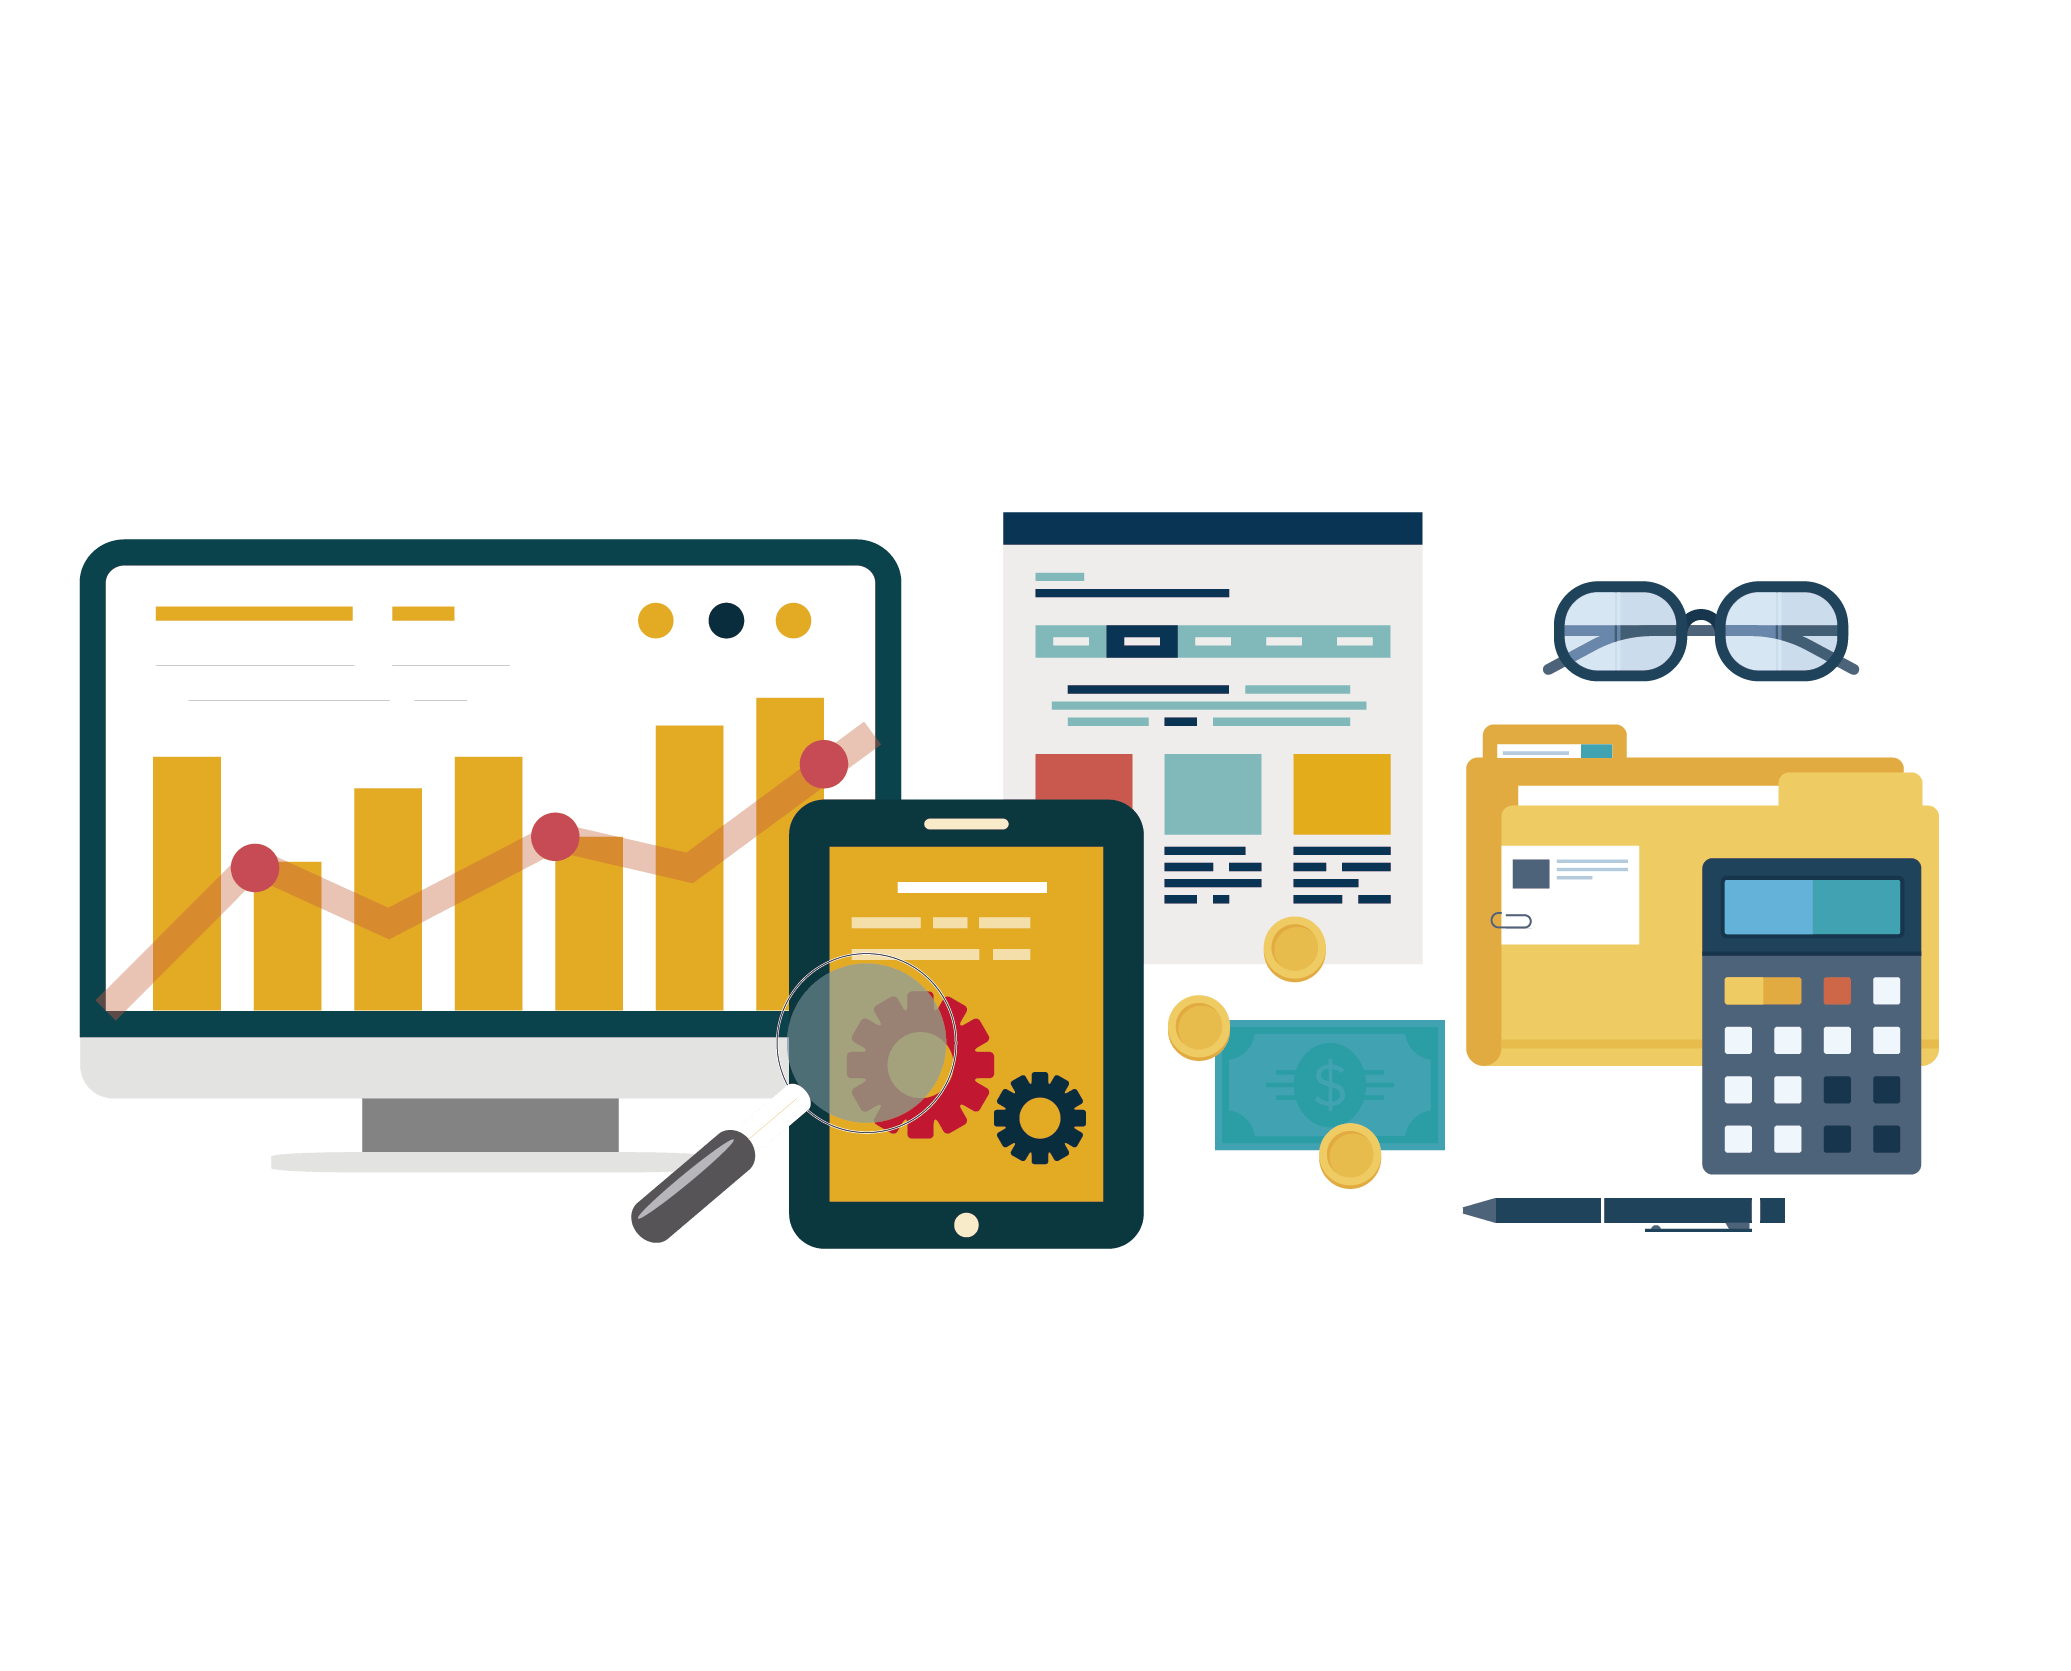 E-book: Guia completo: Análise de dados no planejamento estratégico